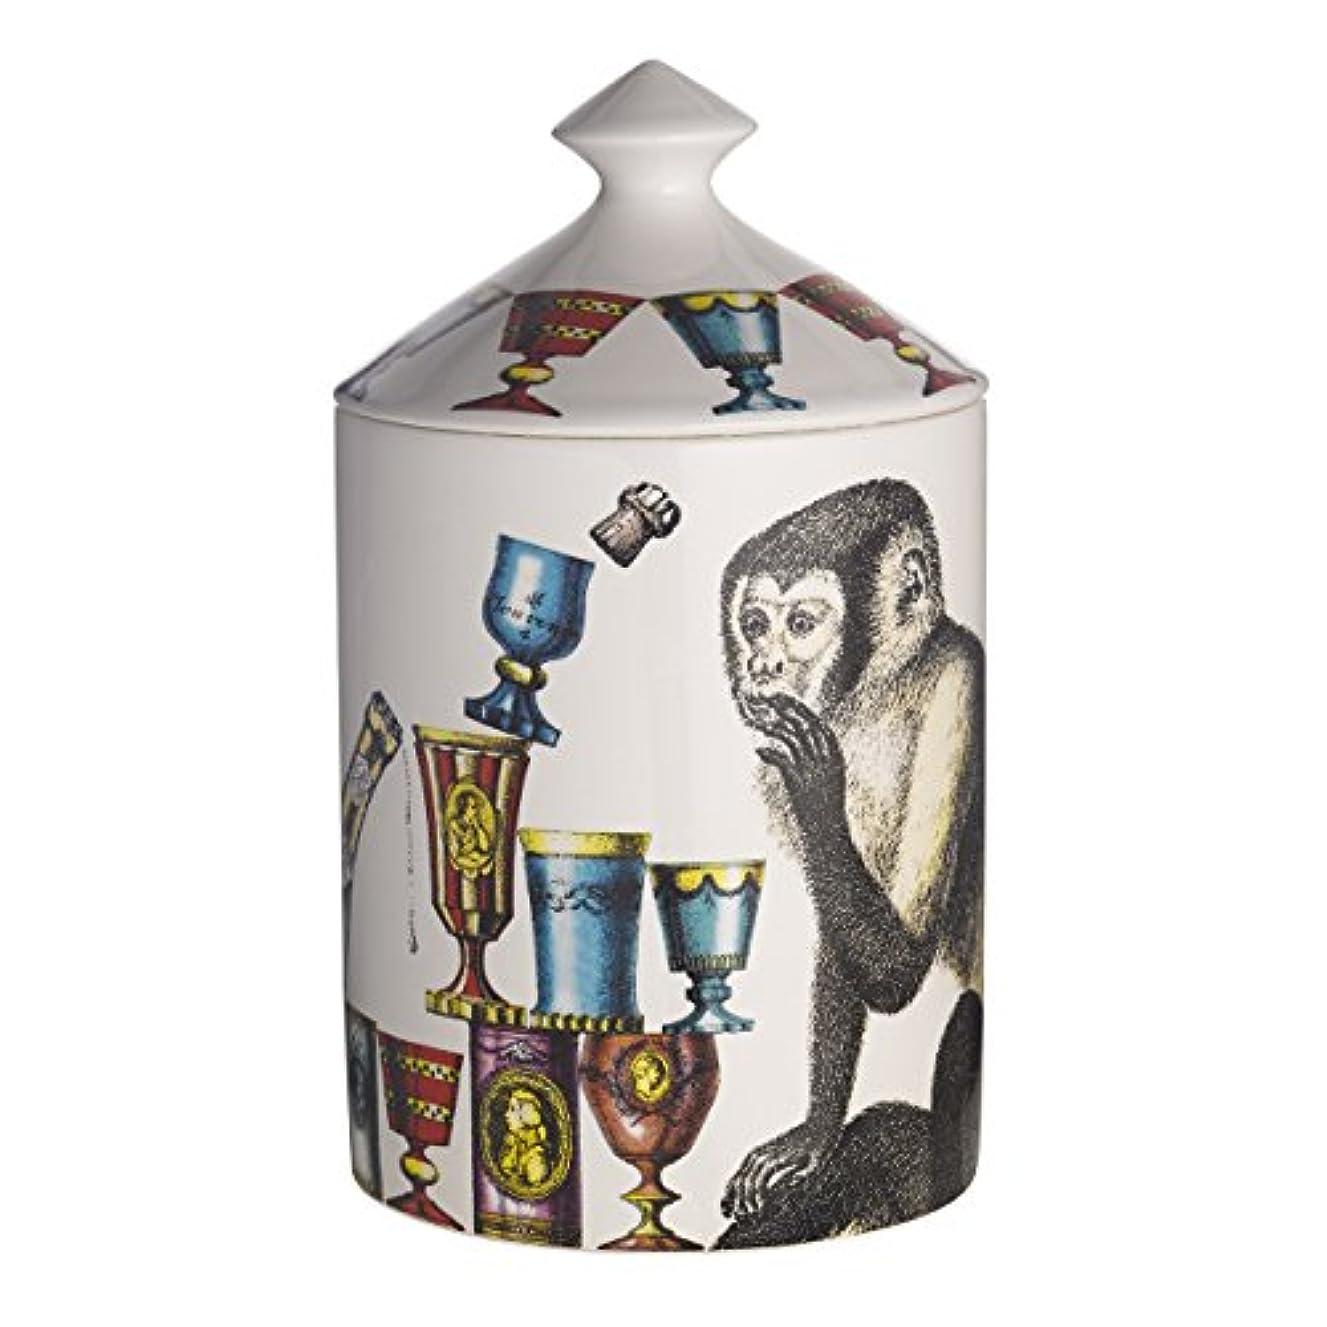 驚いた襟異議フォルナセッティ シンミエ センテッド キャンドル 300g(Fornasetti Scimmie Scented Candle 300g)[海外直送品] [並行輸入品]